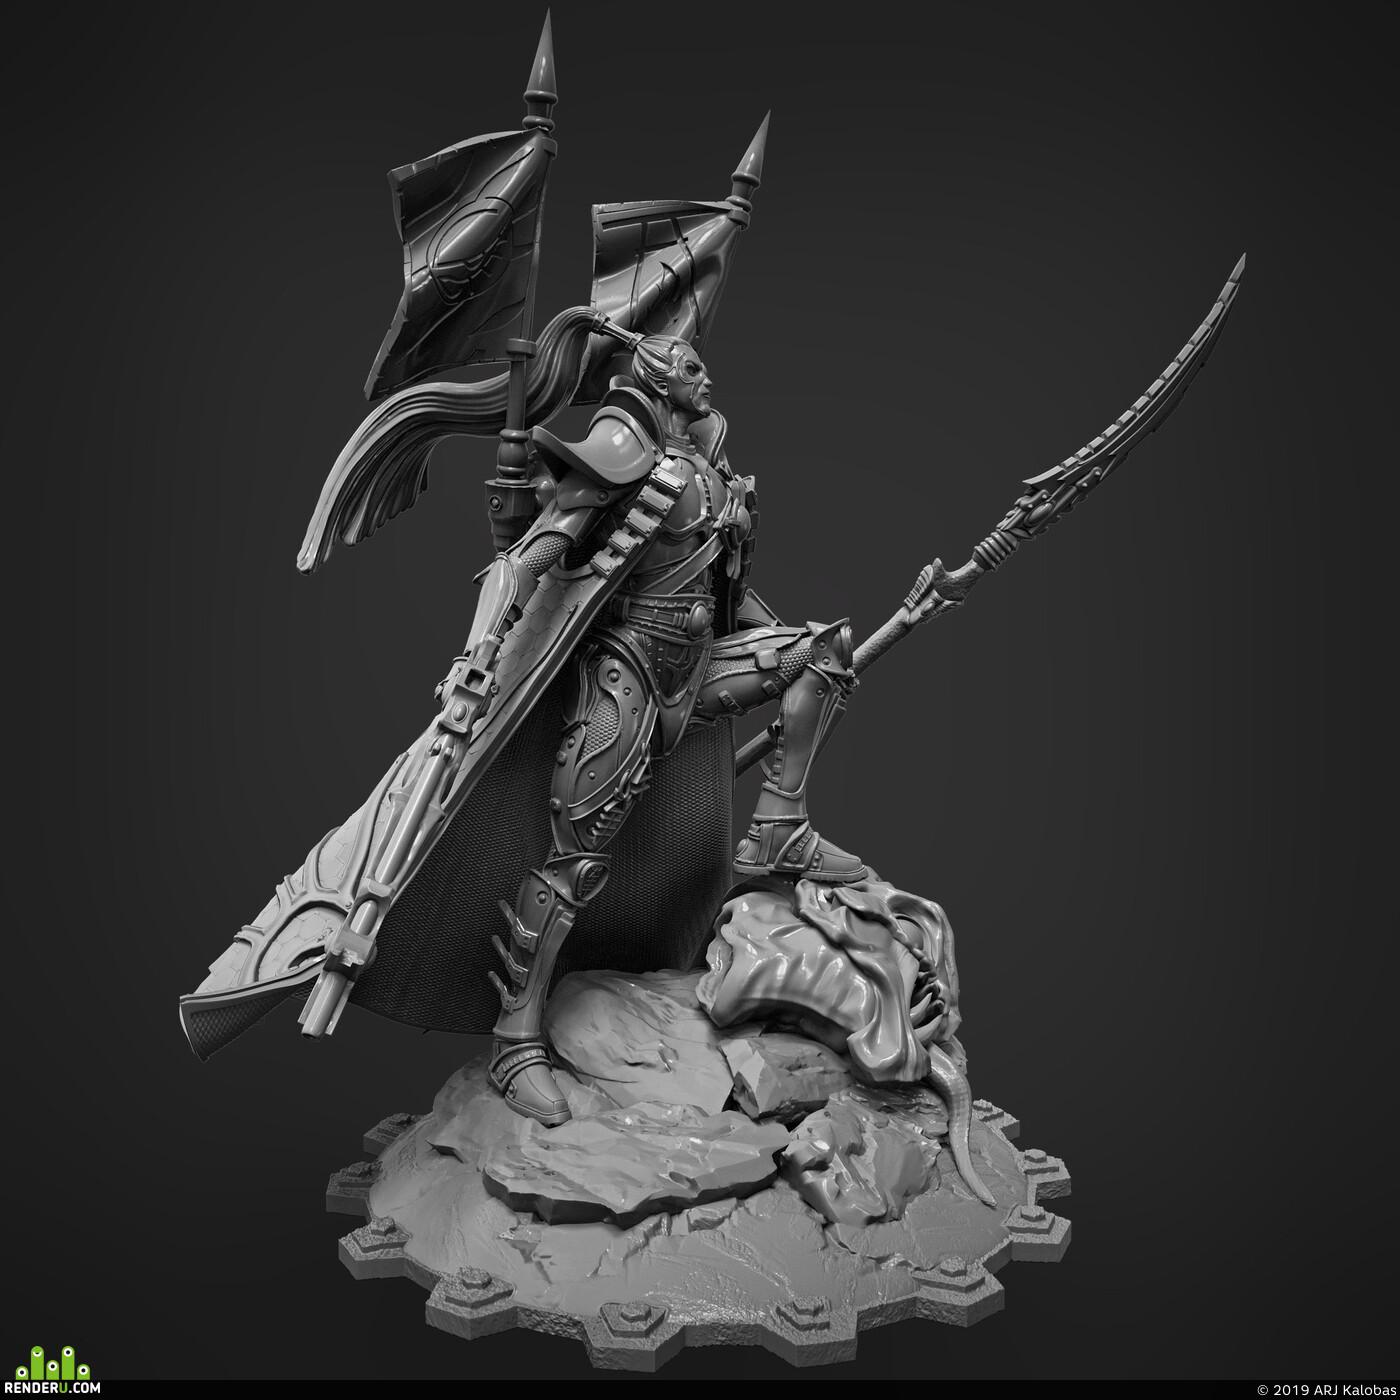 Warhammer 40k, warhammer40000, Warhammer, 3dprint, miniatures, princeyriel